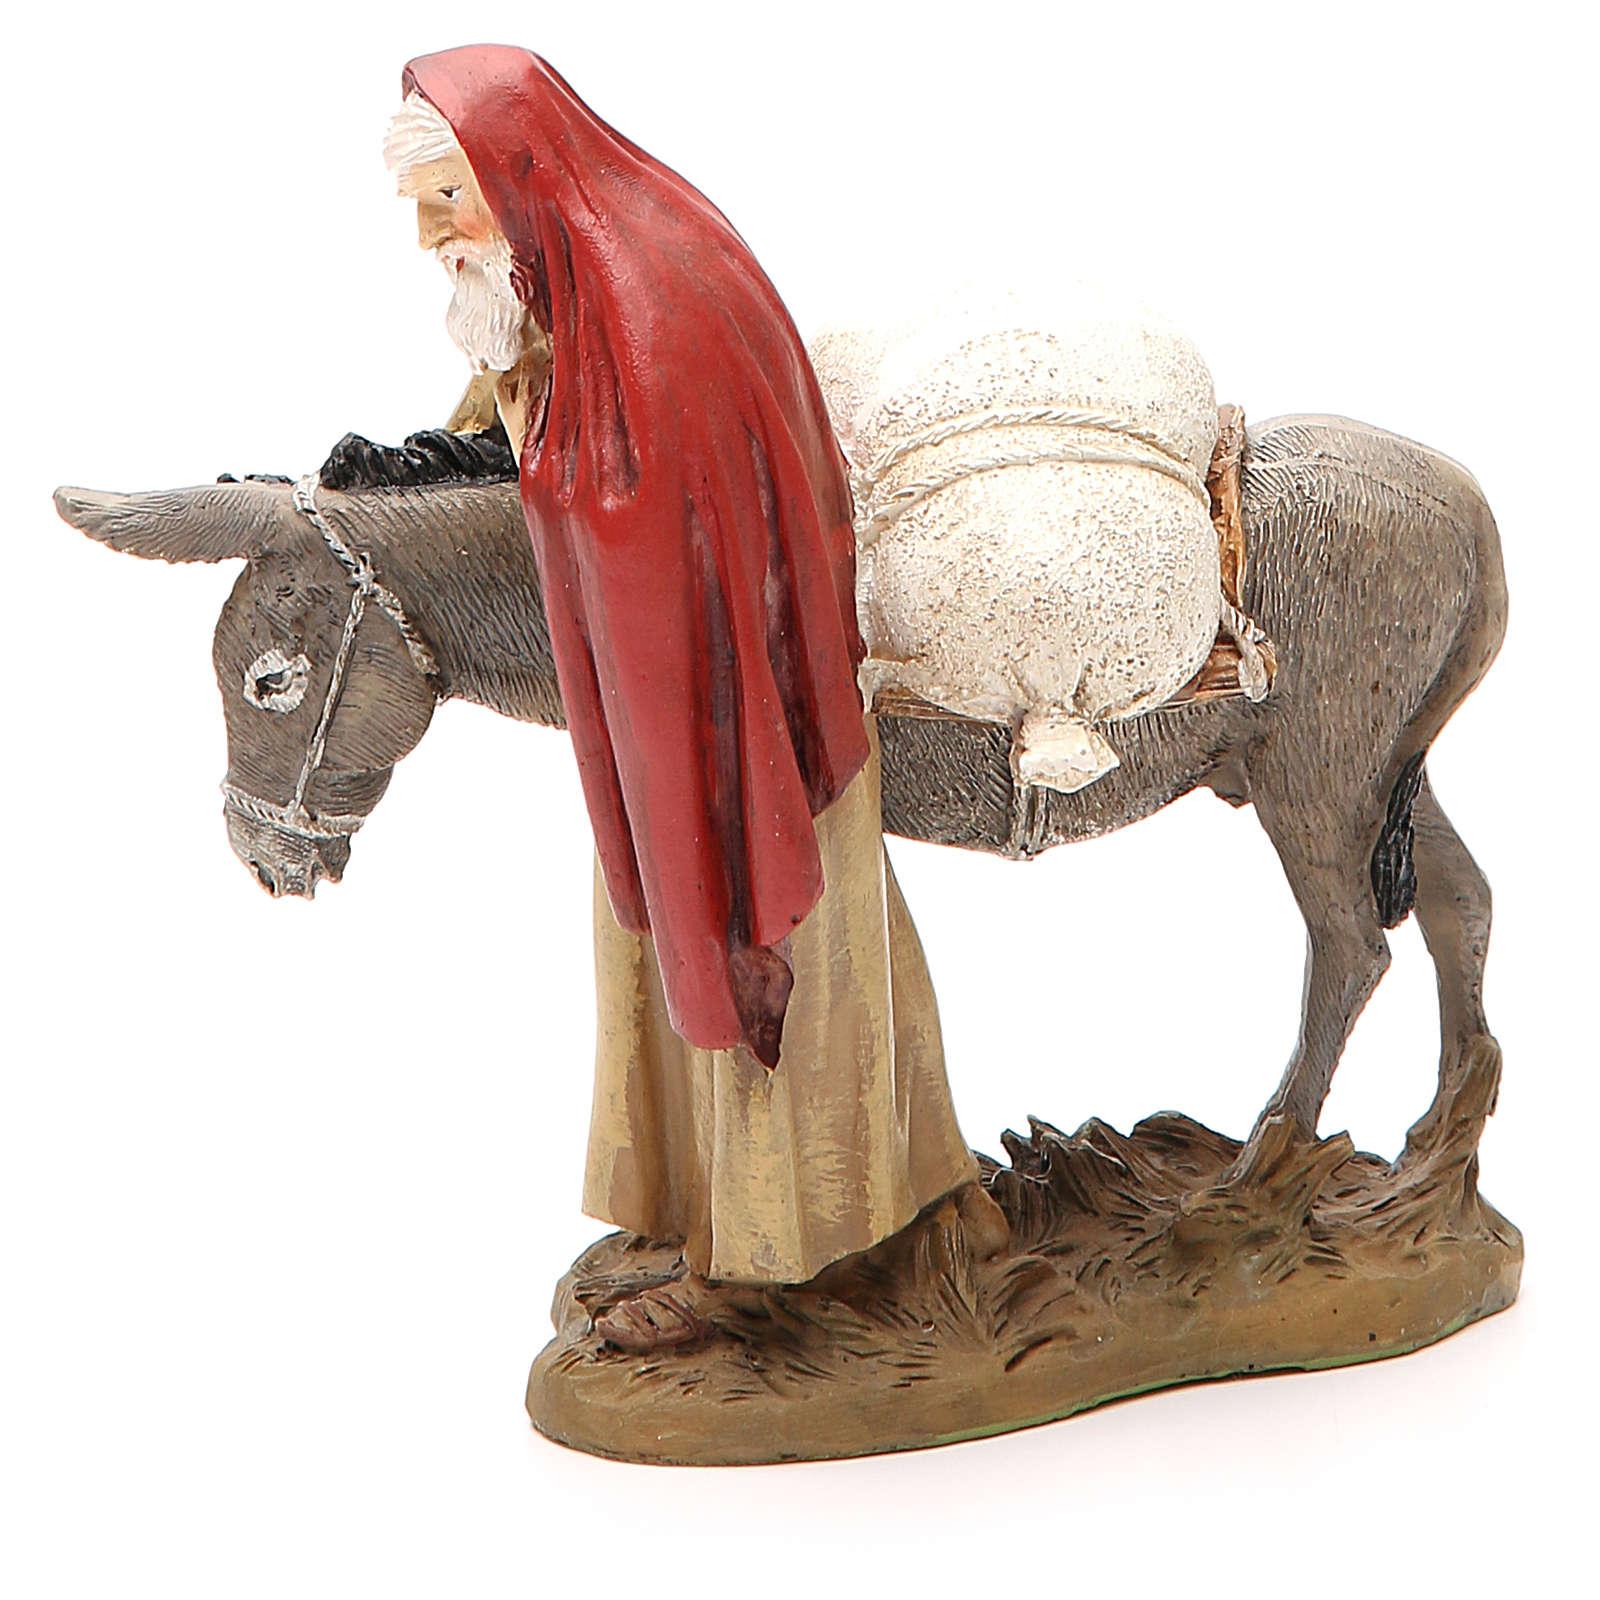 Viajante com burro resina pindata 12 cm Linha Martino Landi 3